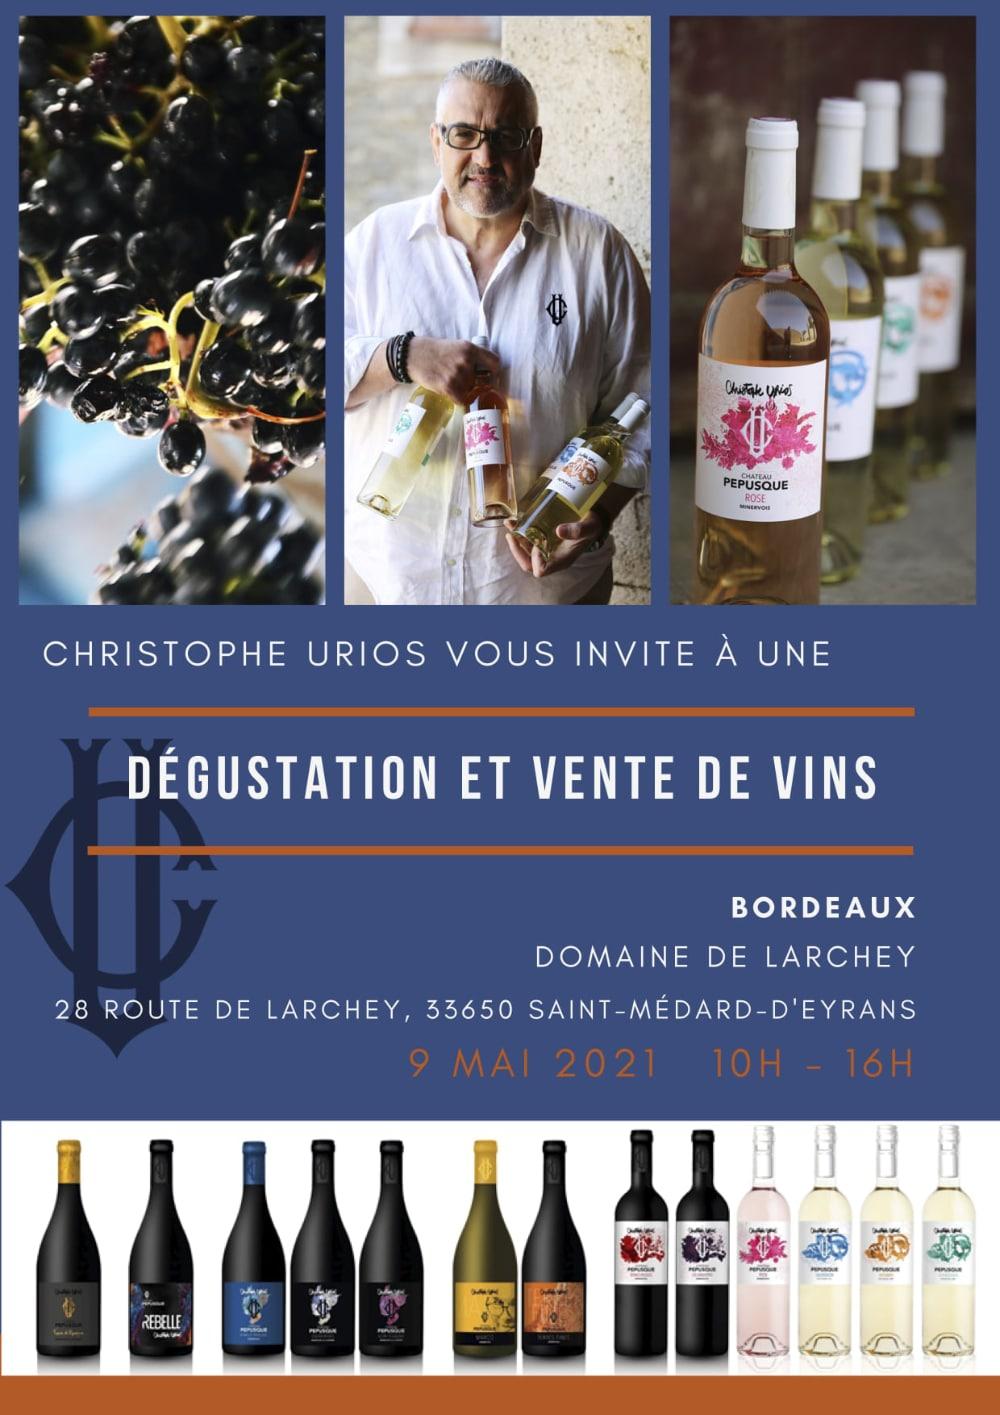 Dégustation Bordeaux Château Pepusque - Vins du Minervois